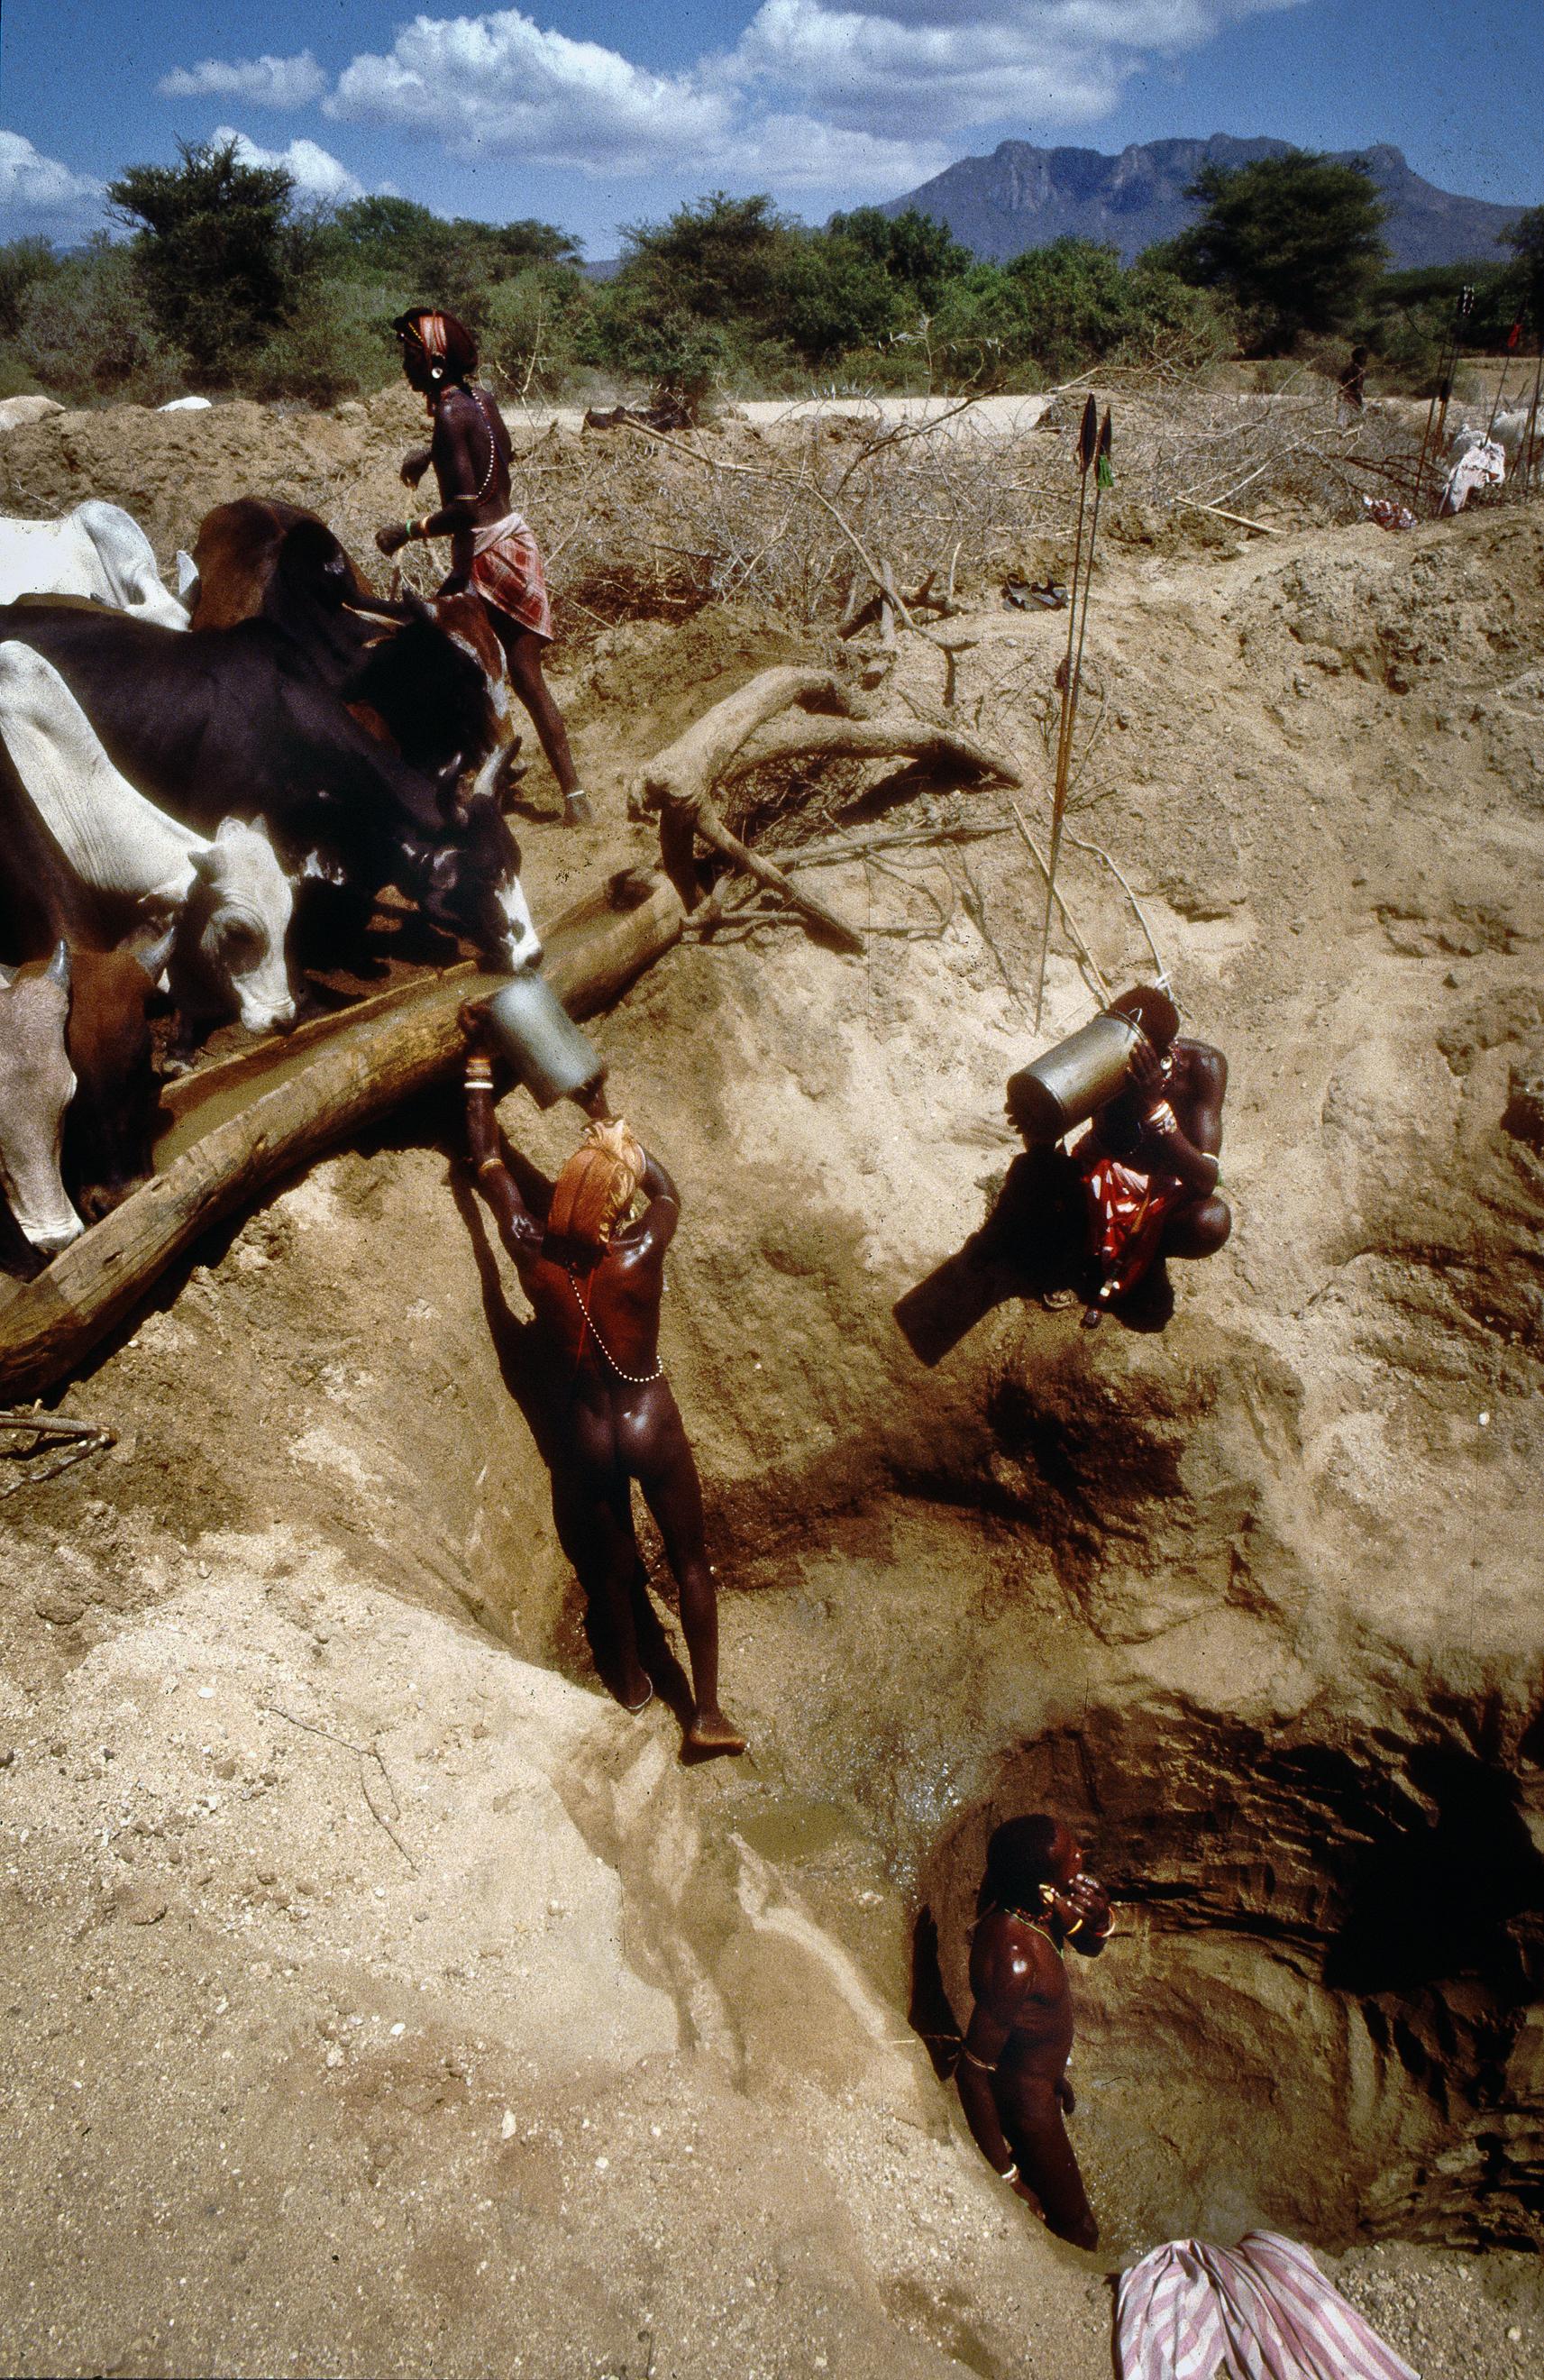 Rendille pastoralists, Marsabit, Kenya